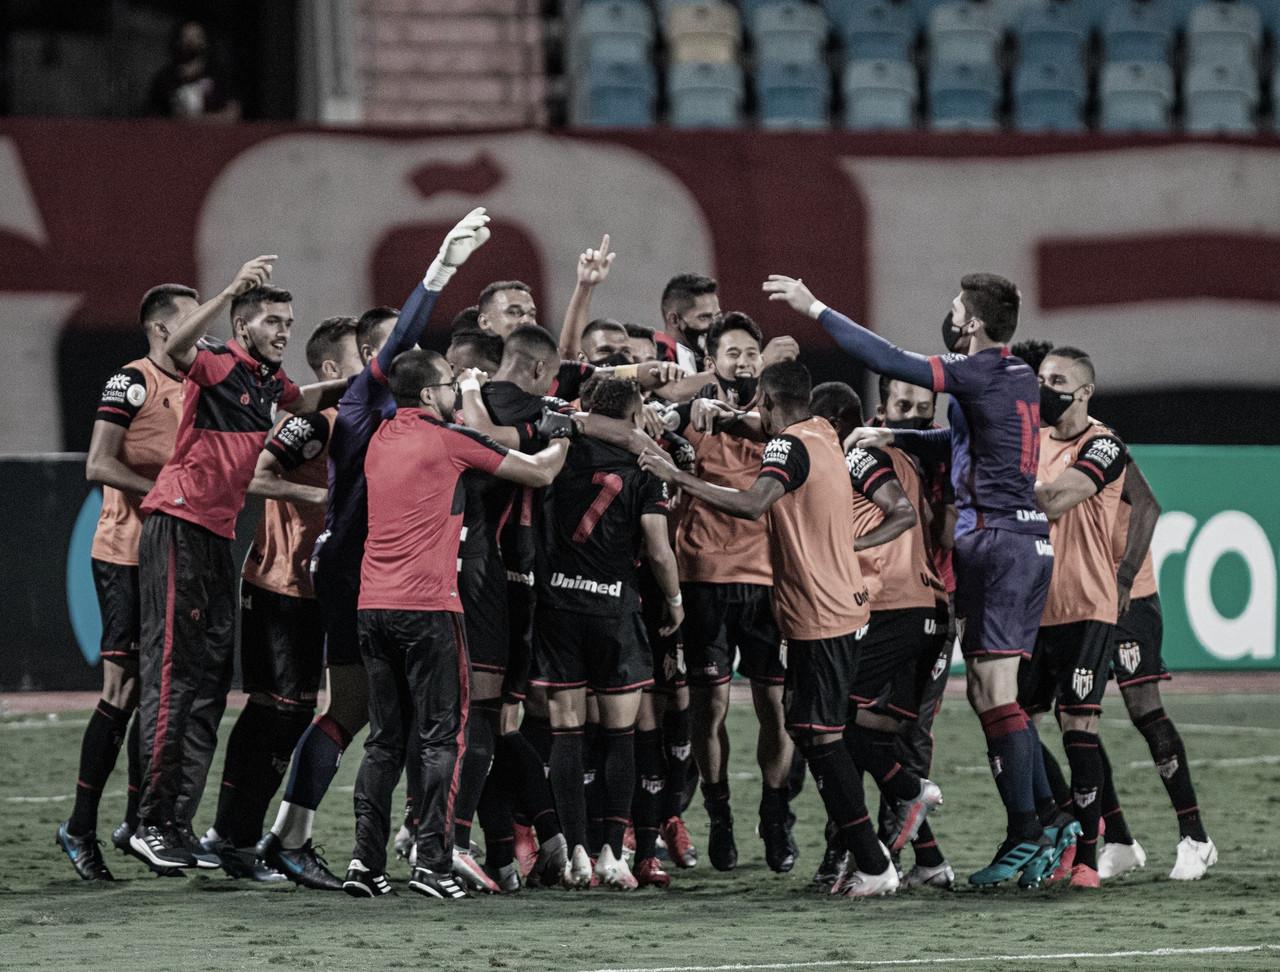 Com gol nos acréscimos, Atlético-GO elimina Fluminense e avança às oitavas da Copa do Brasil